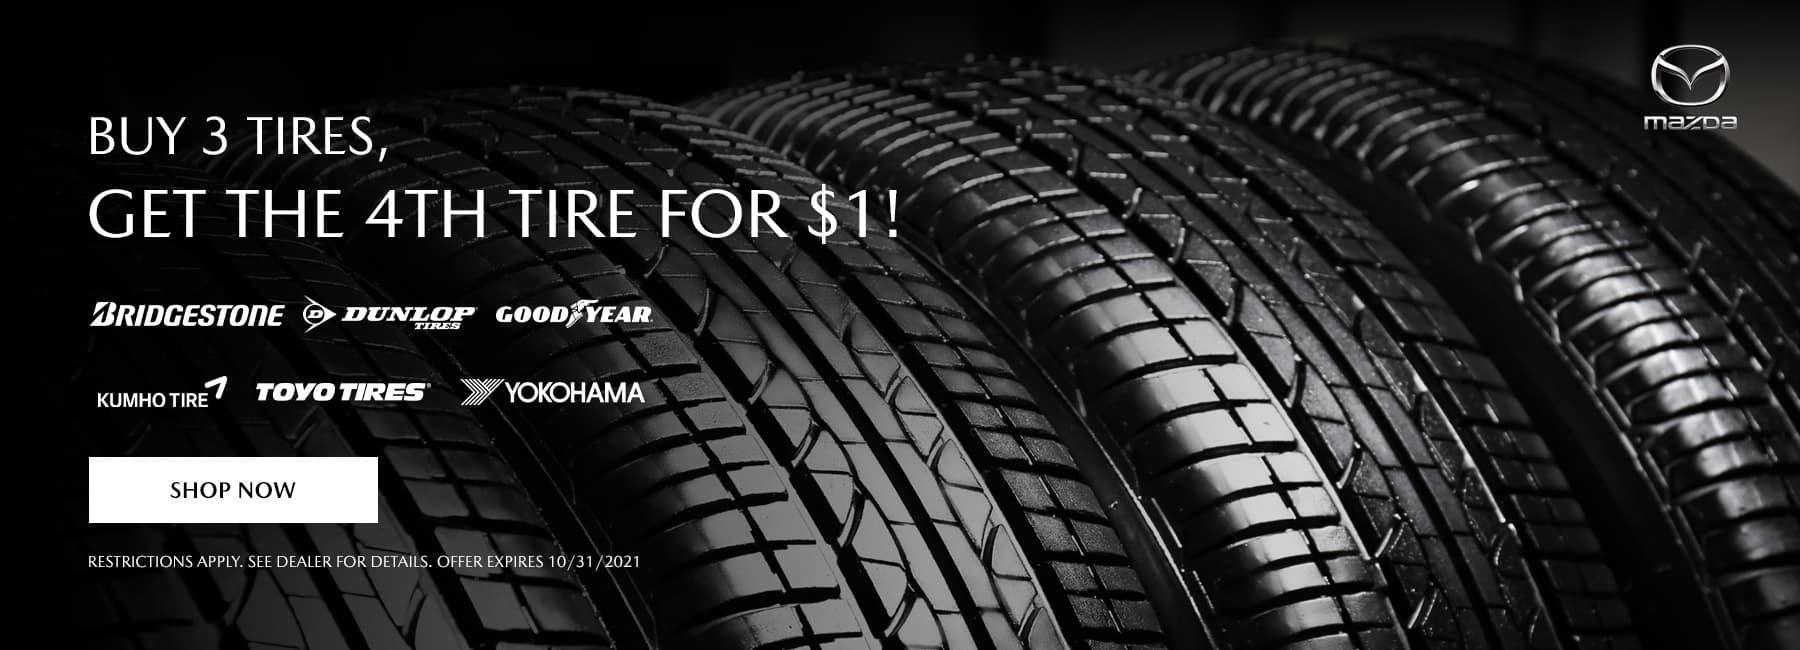 sep 21 tires